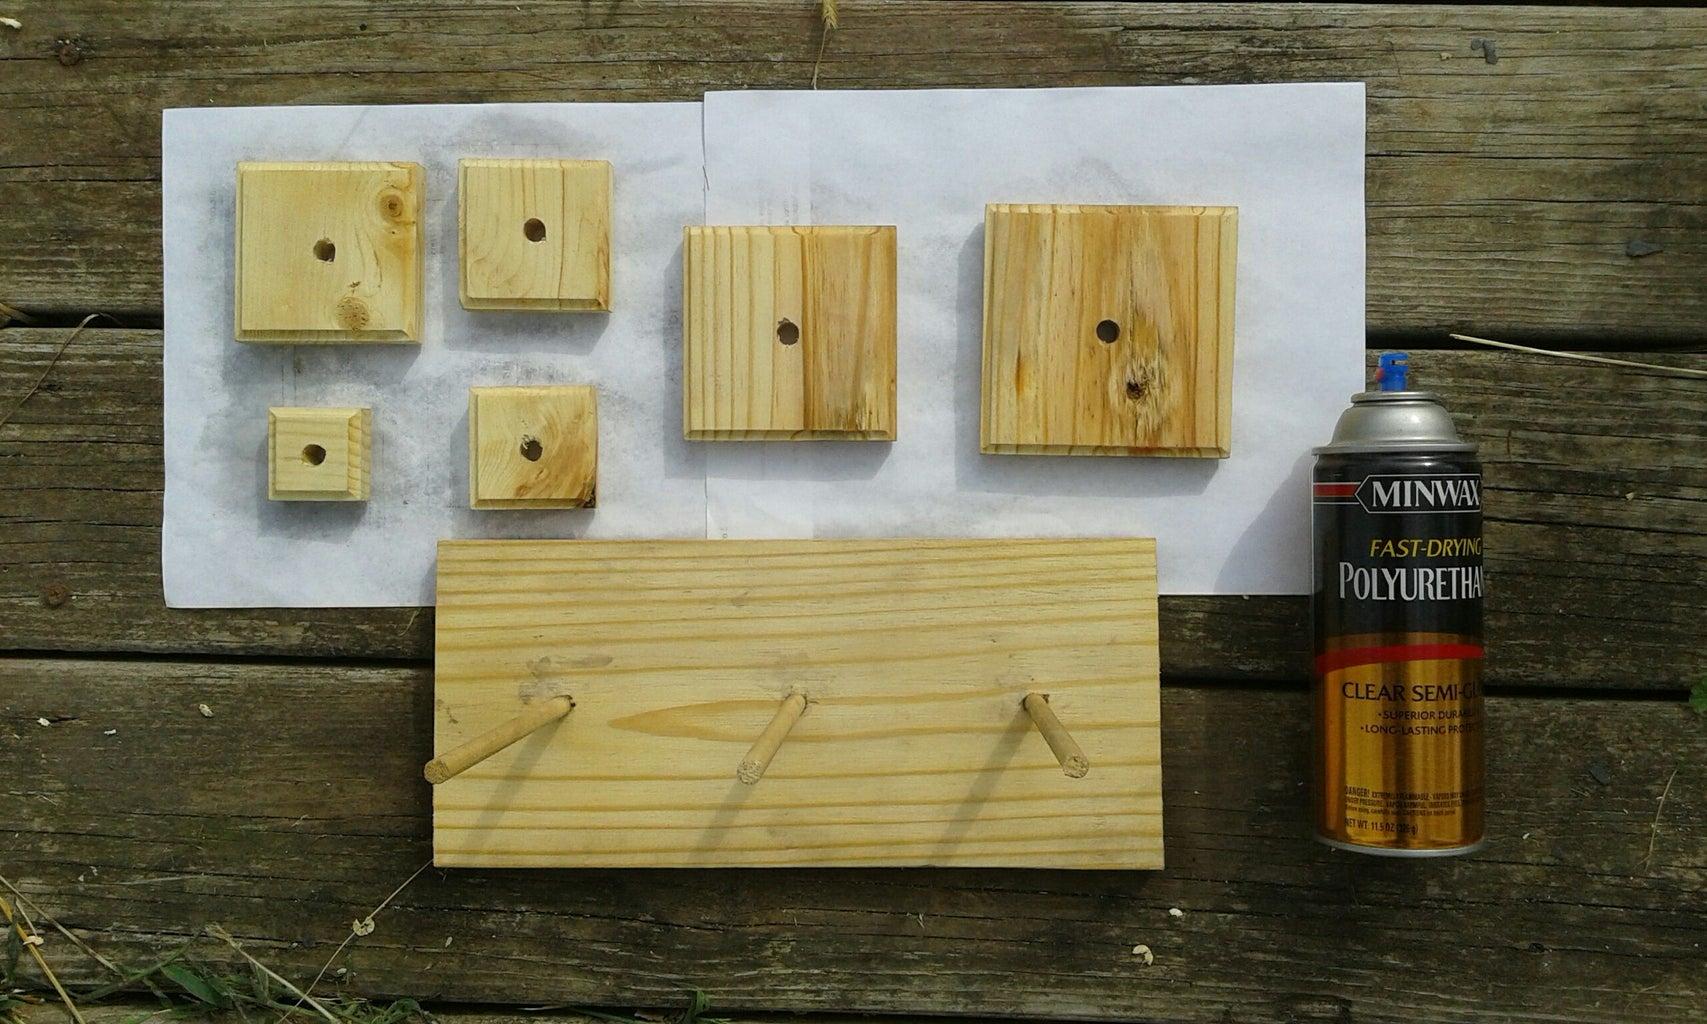 Optional Step: Finishing the Wood